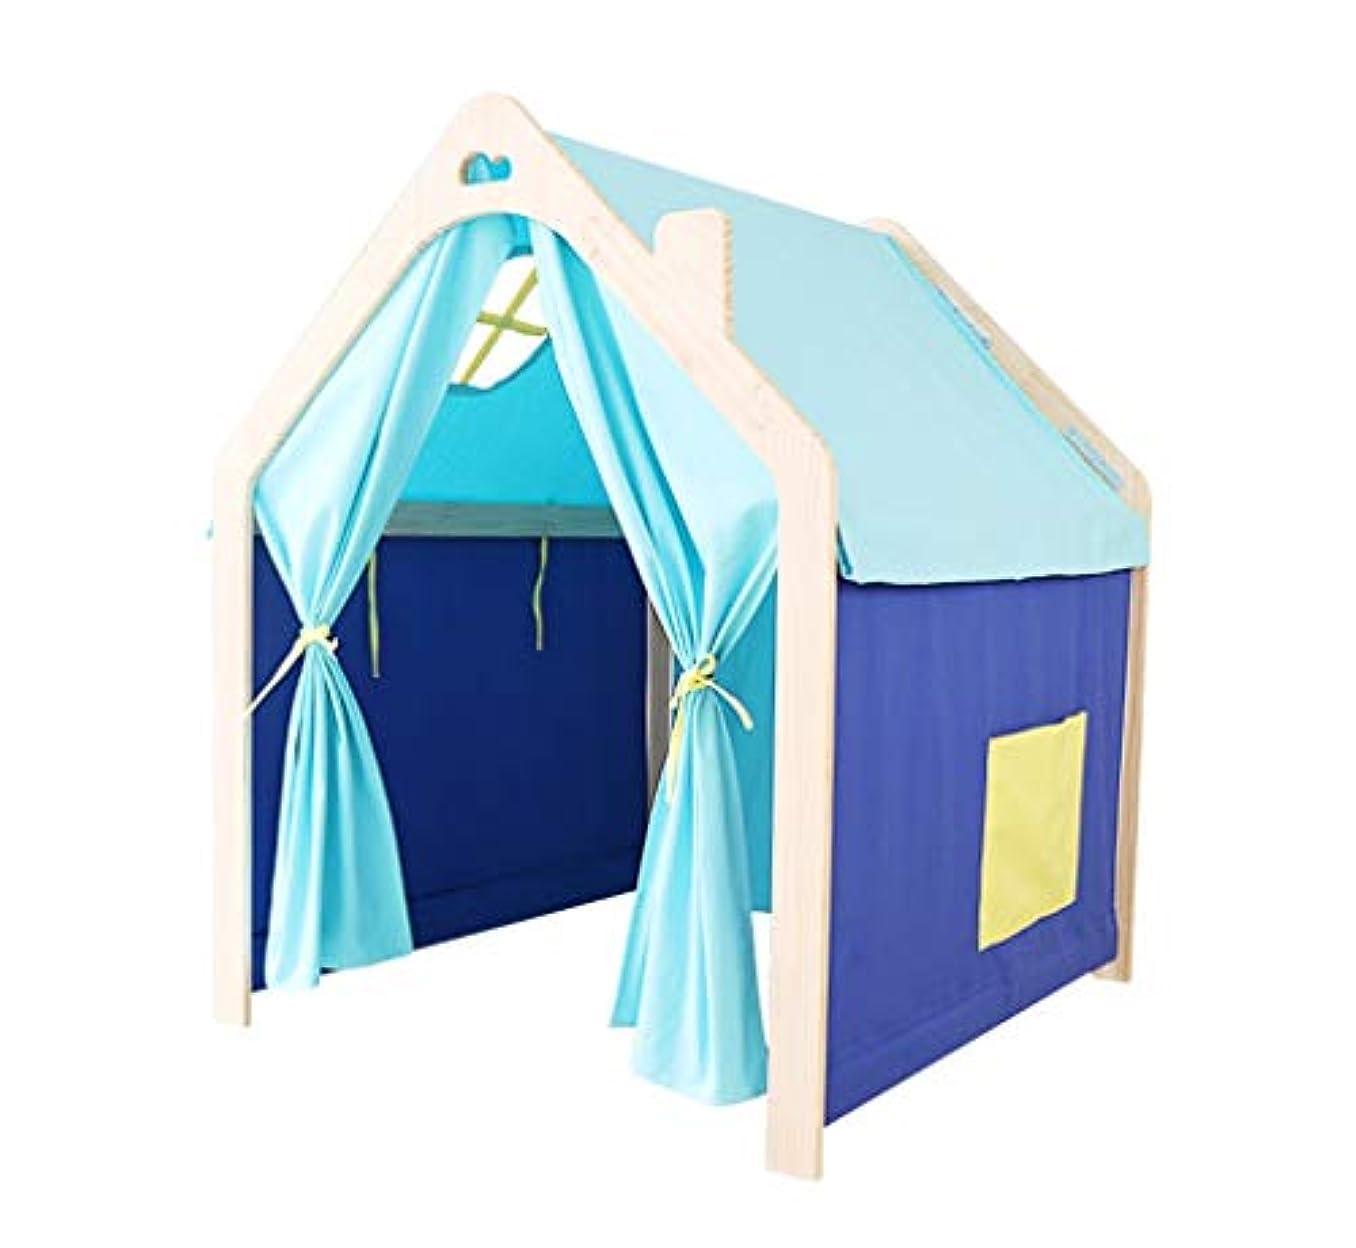 素晴らしさゲートプラグASDQ ゲームハウスのテント、会議室、おもちゃの部屋、赤ちゃんのゲーム室、ゲーム室、男の子と女の子の読書コーナー写真セット90 * 95 * 114 CM (Color : Blue, Size : L)